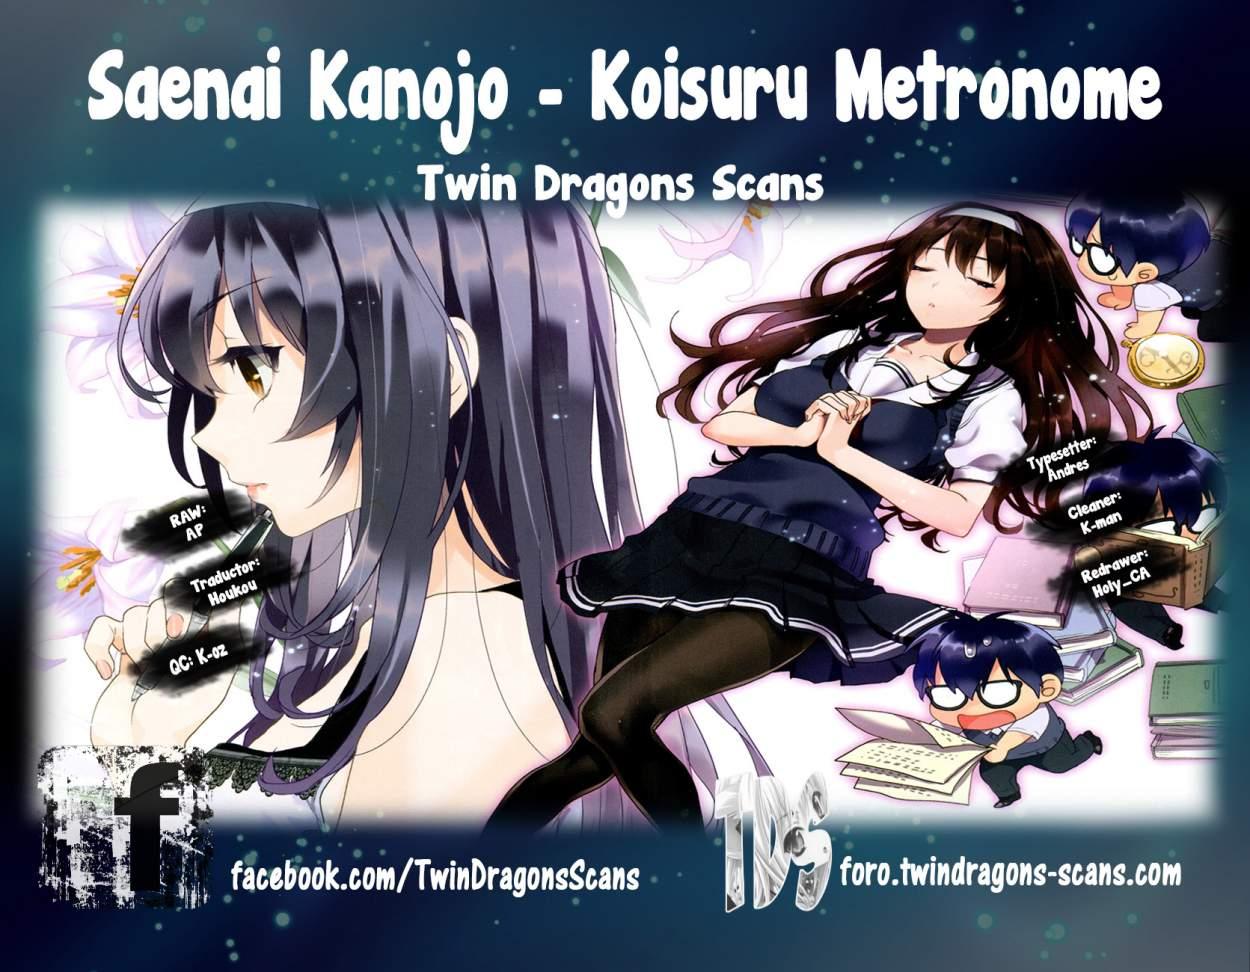 https://c5.mangatag.com/es_manga/0/128/380163/380163_1_101.jpg Page 1